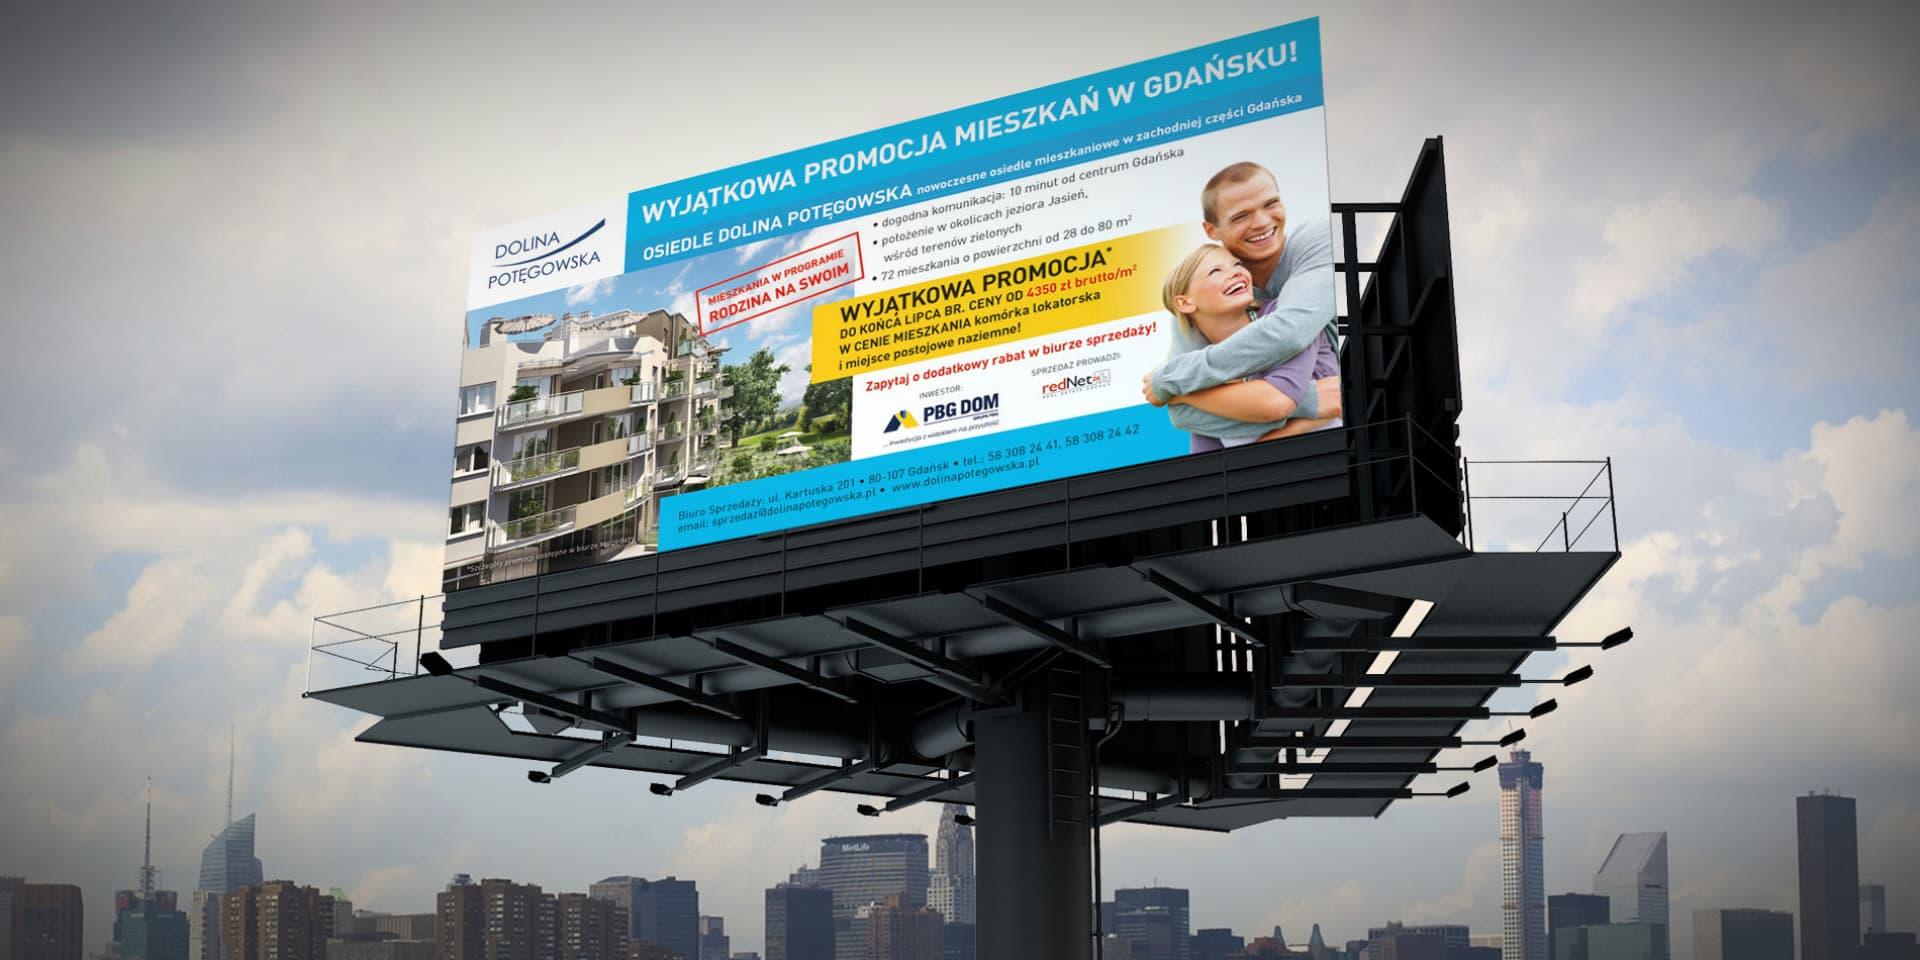 dolina potegowska kampania reklamowa